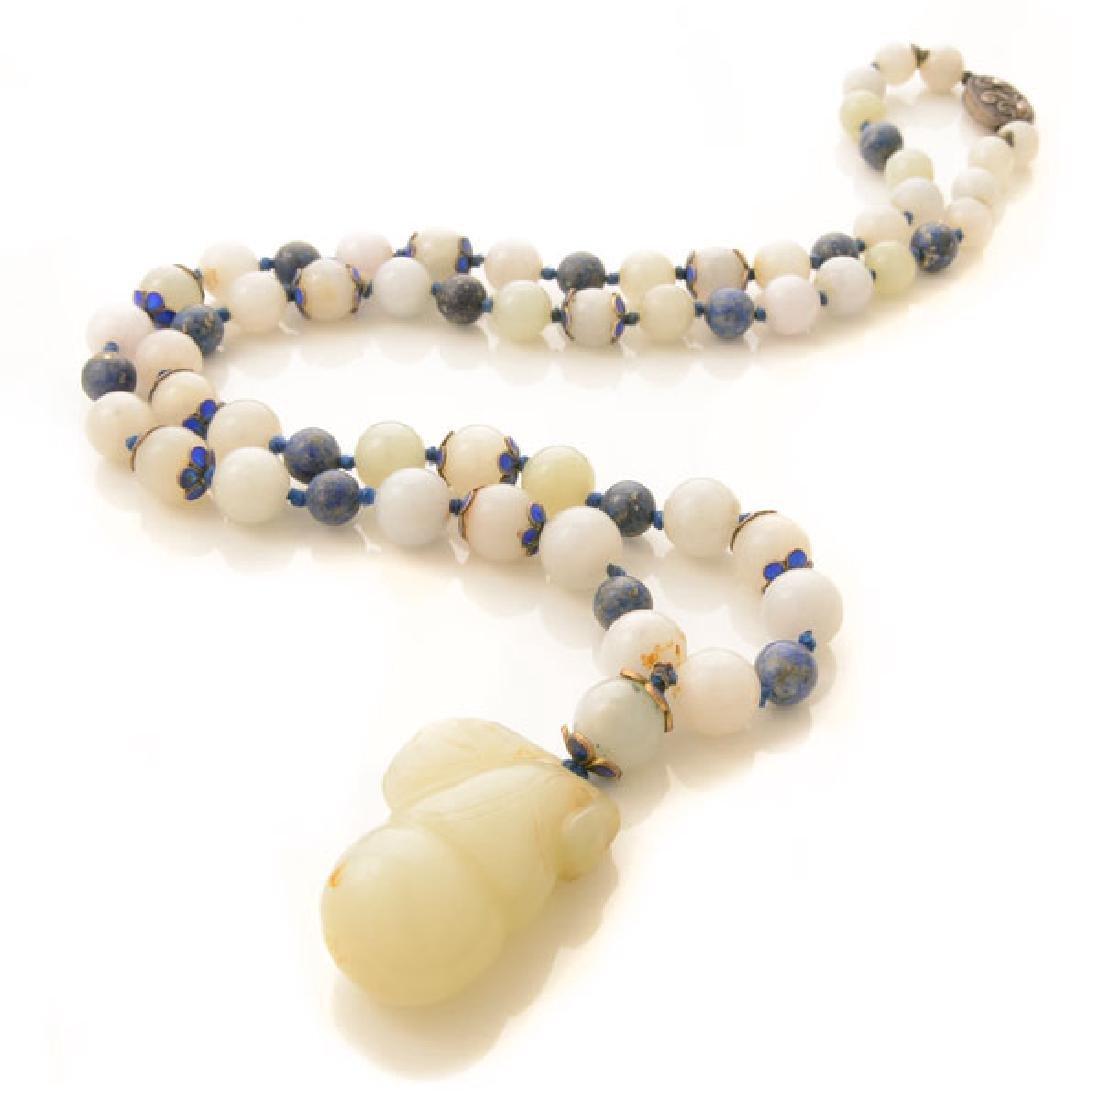 Chinese Celadon Jade, Lapis Lazuli, Enamel, Silver